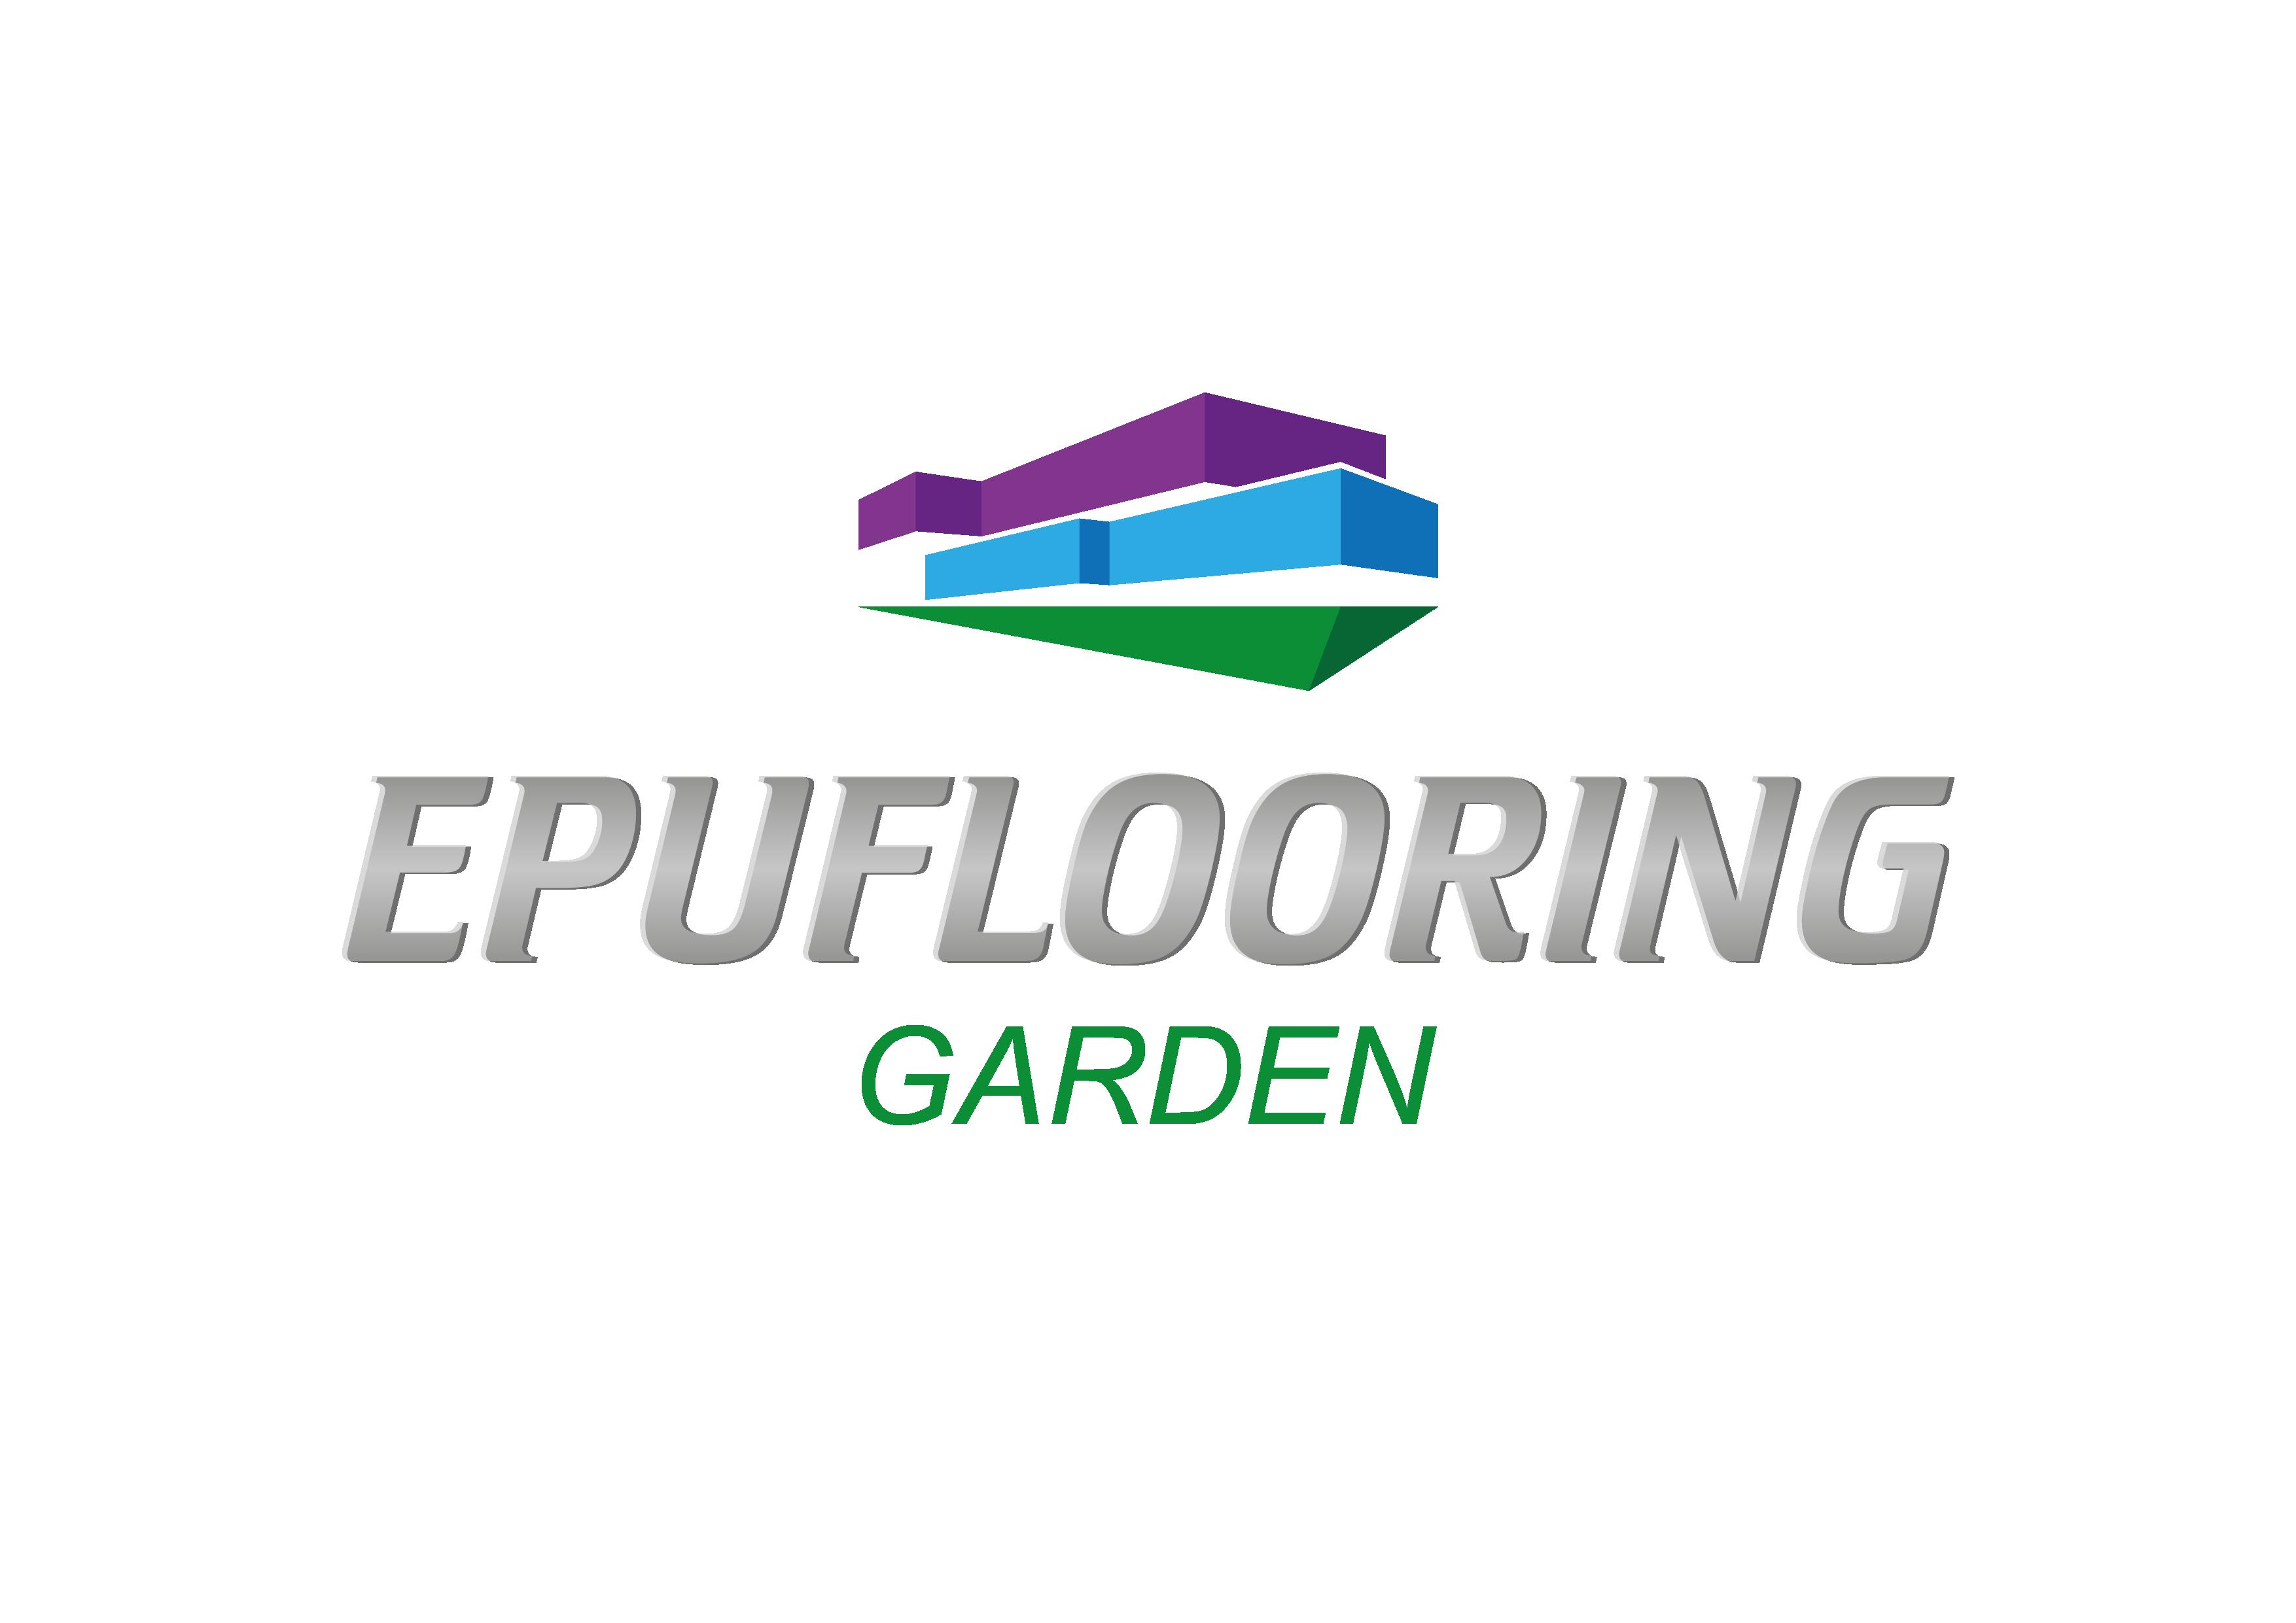 EPUFLOORING GROUP LOGO garden